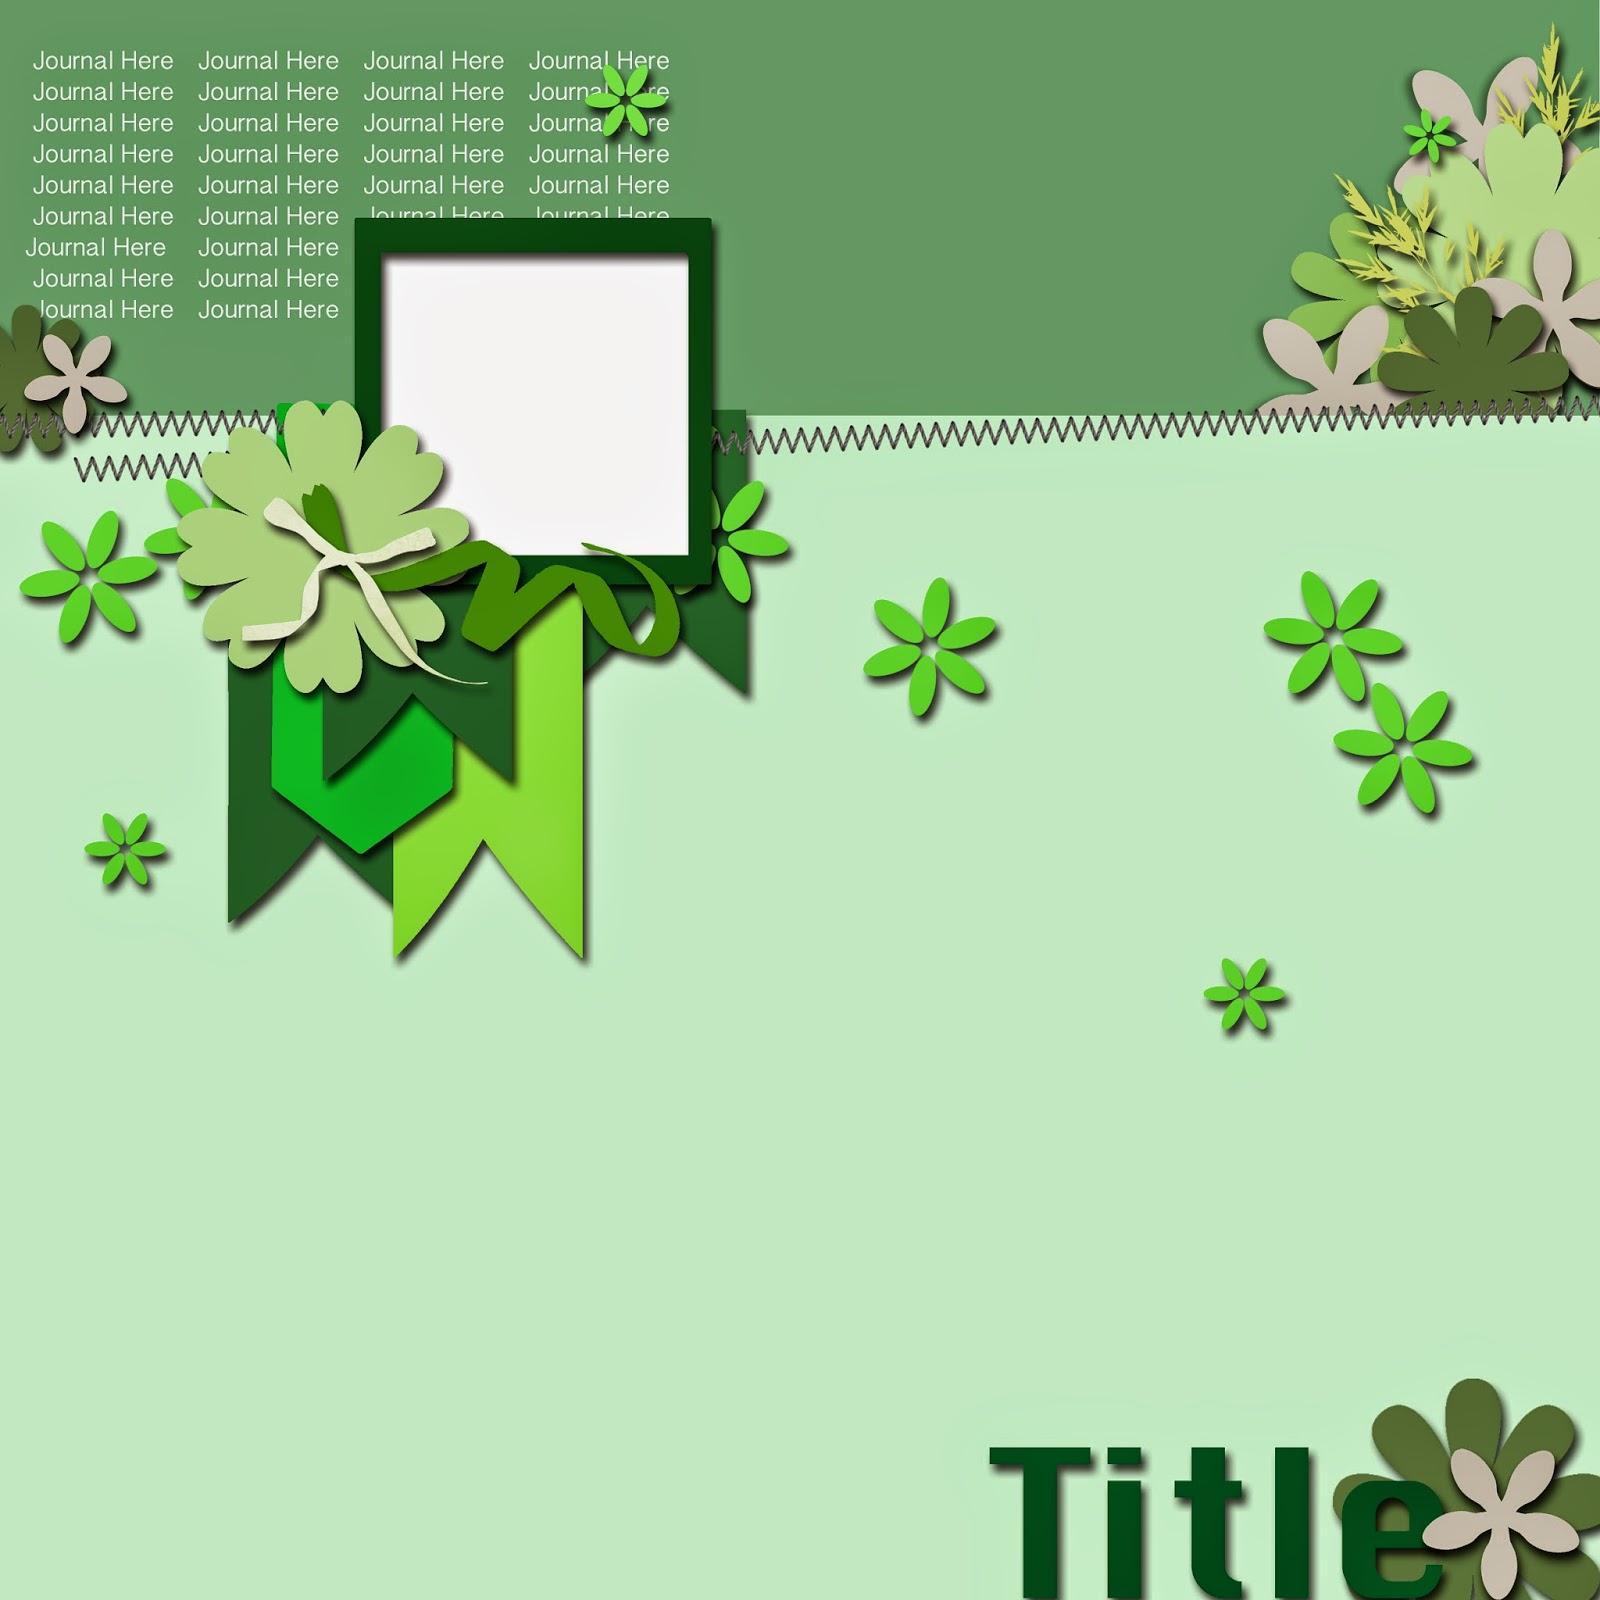 http://4.bp.blogspot.com/-VSds_SLu7v8/U55mOXC4oaI/AAAAAAAAAmc/rOdIAQystok/s1600/OklahomaDawn+06_15_14_edited-1.jpg